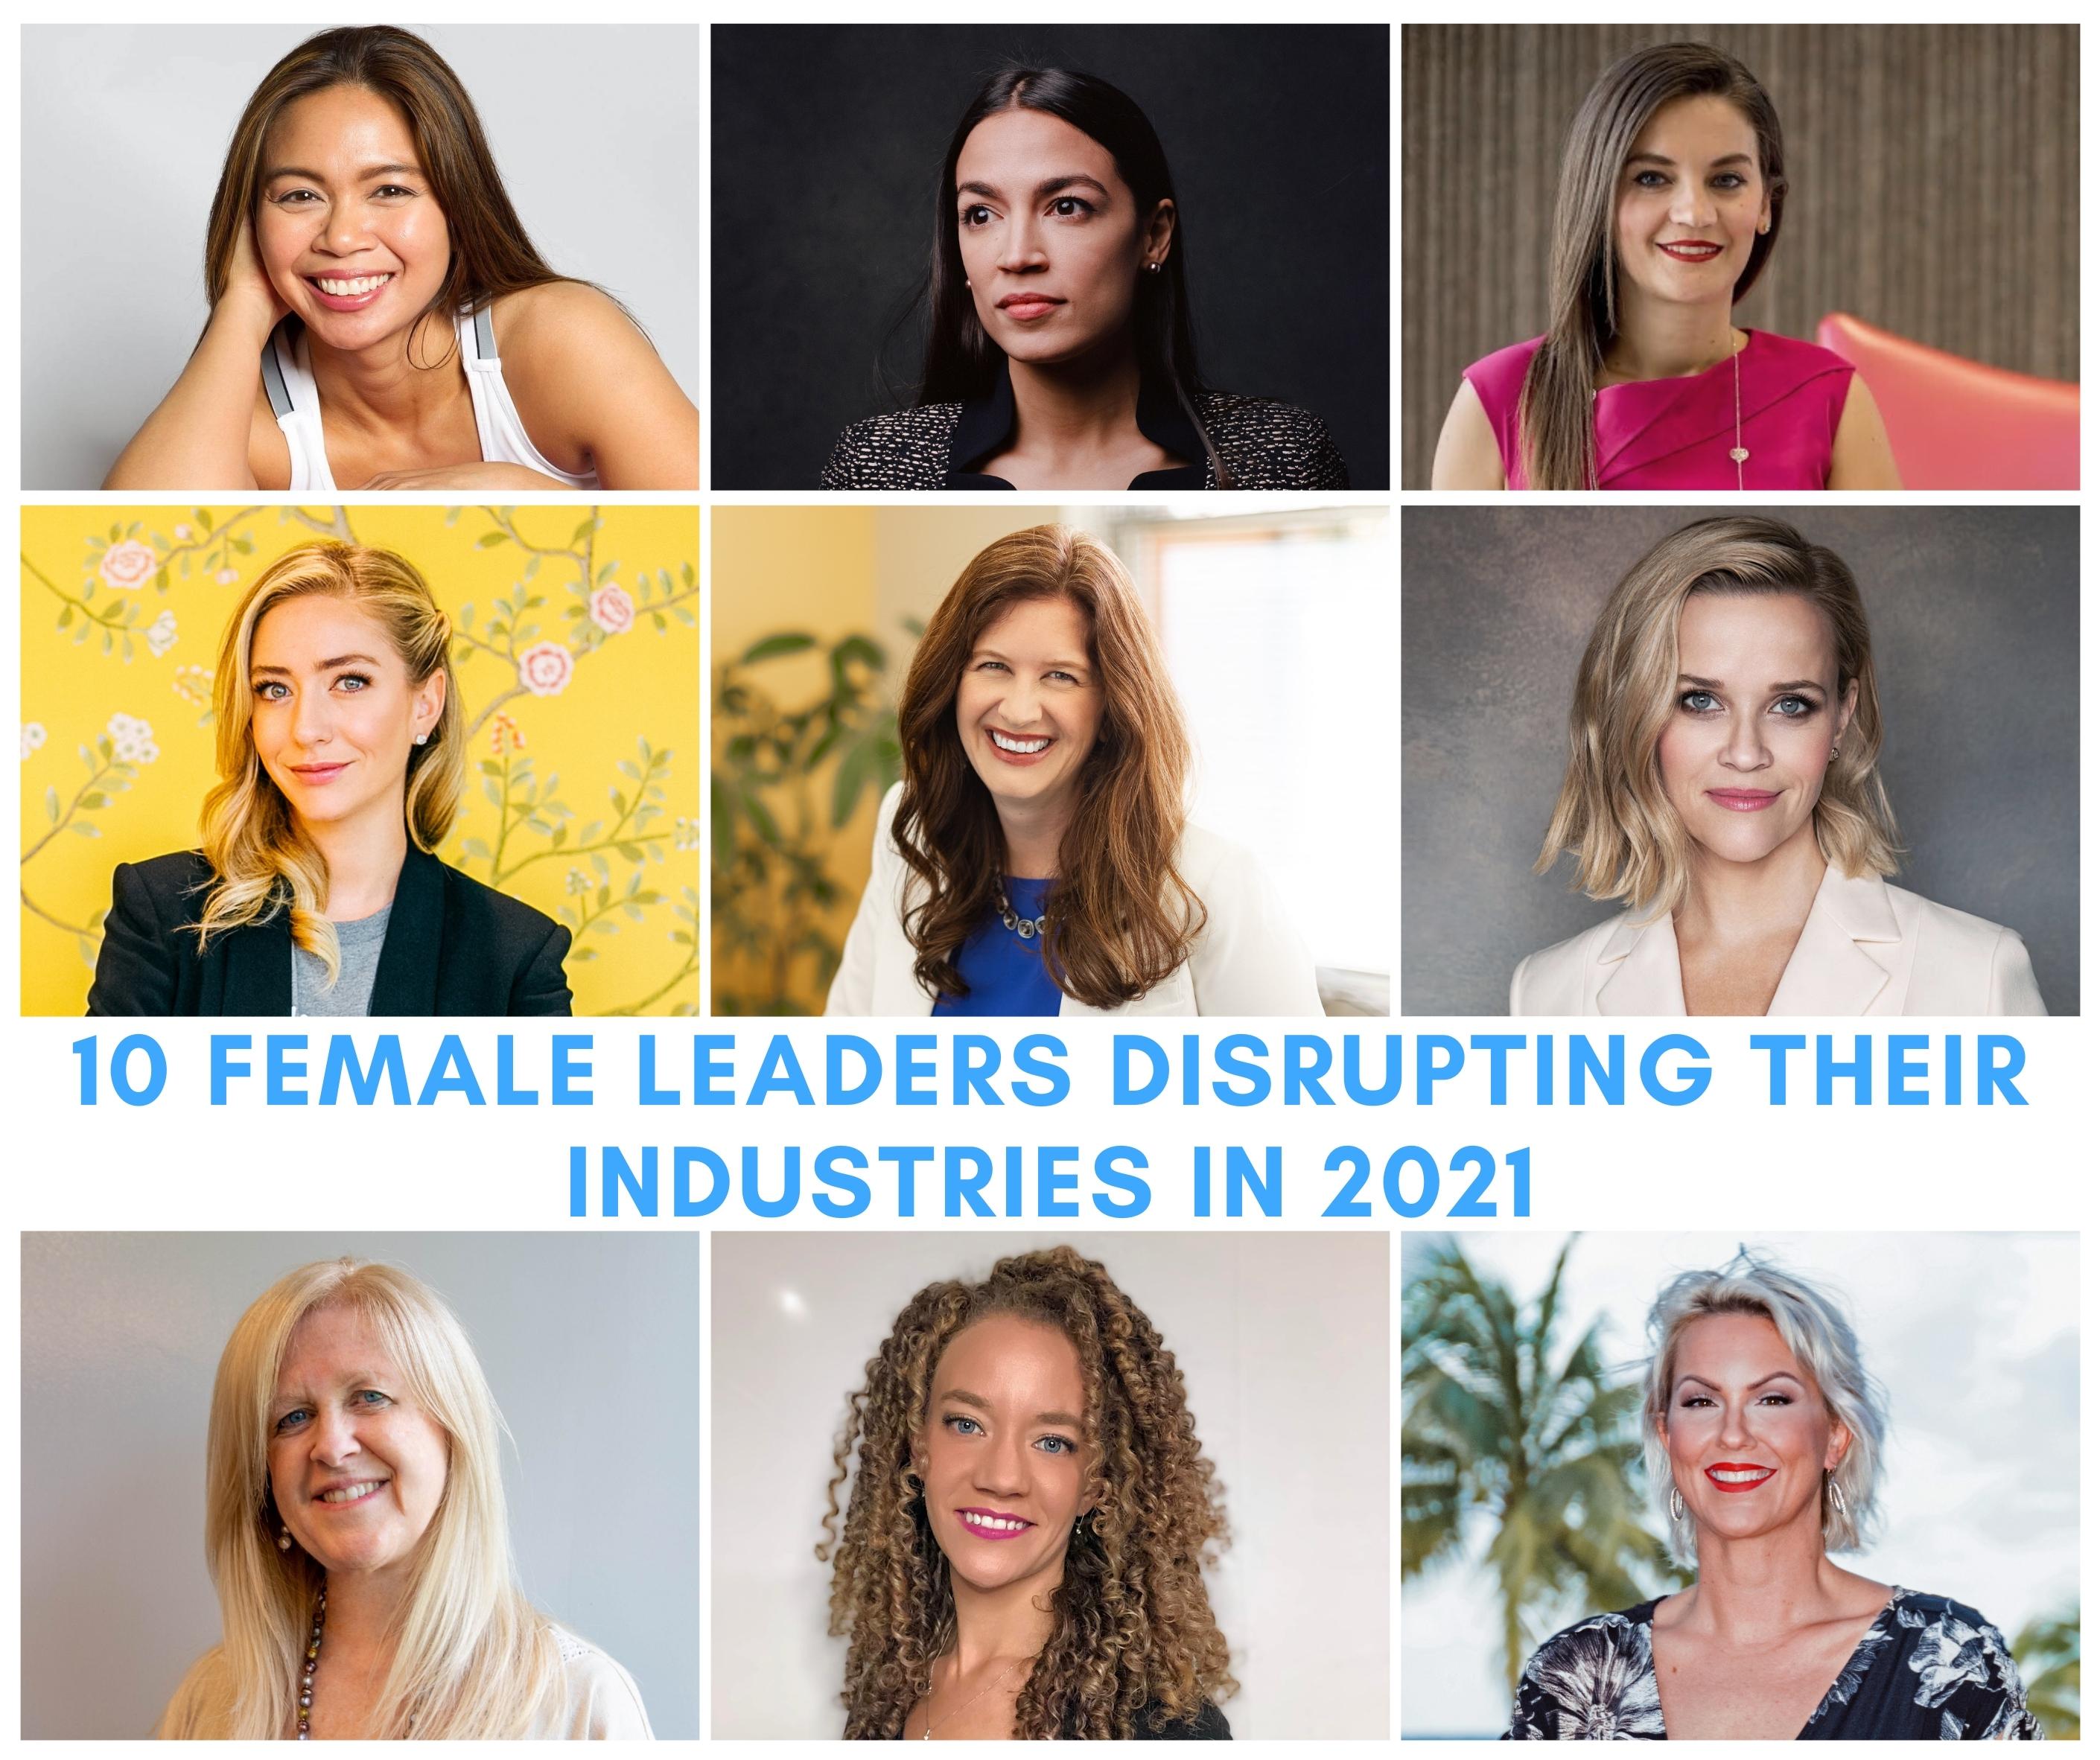 10 Female Leaders Disrupting Their Industries In 2021